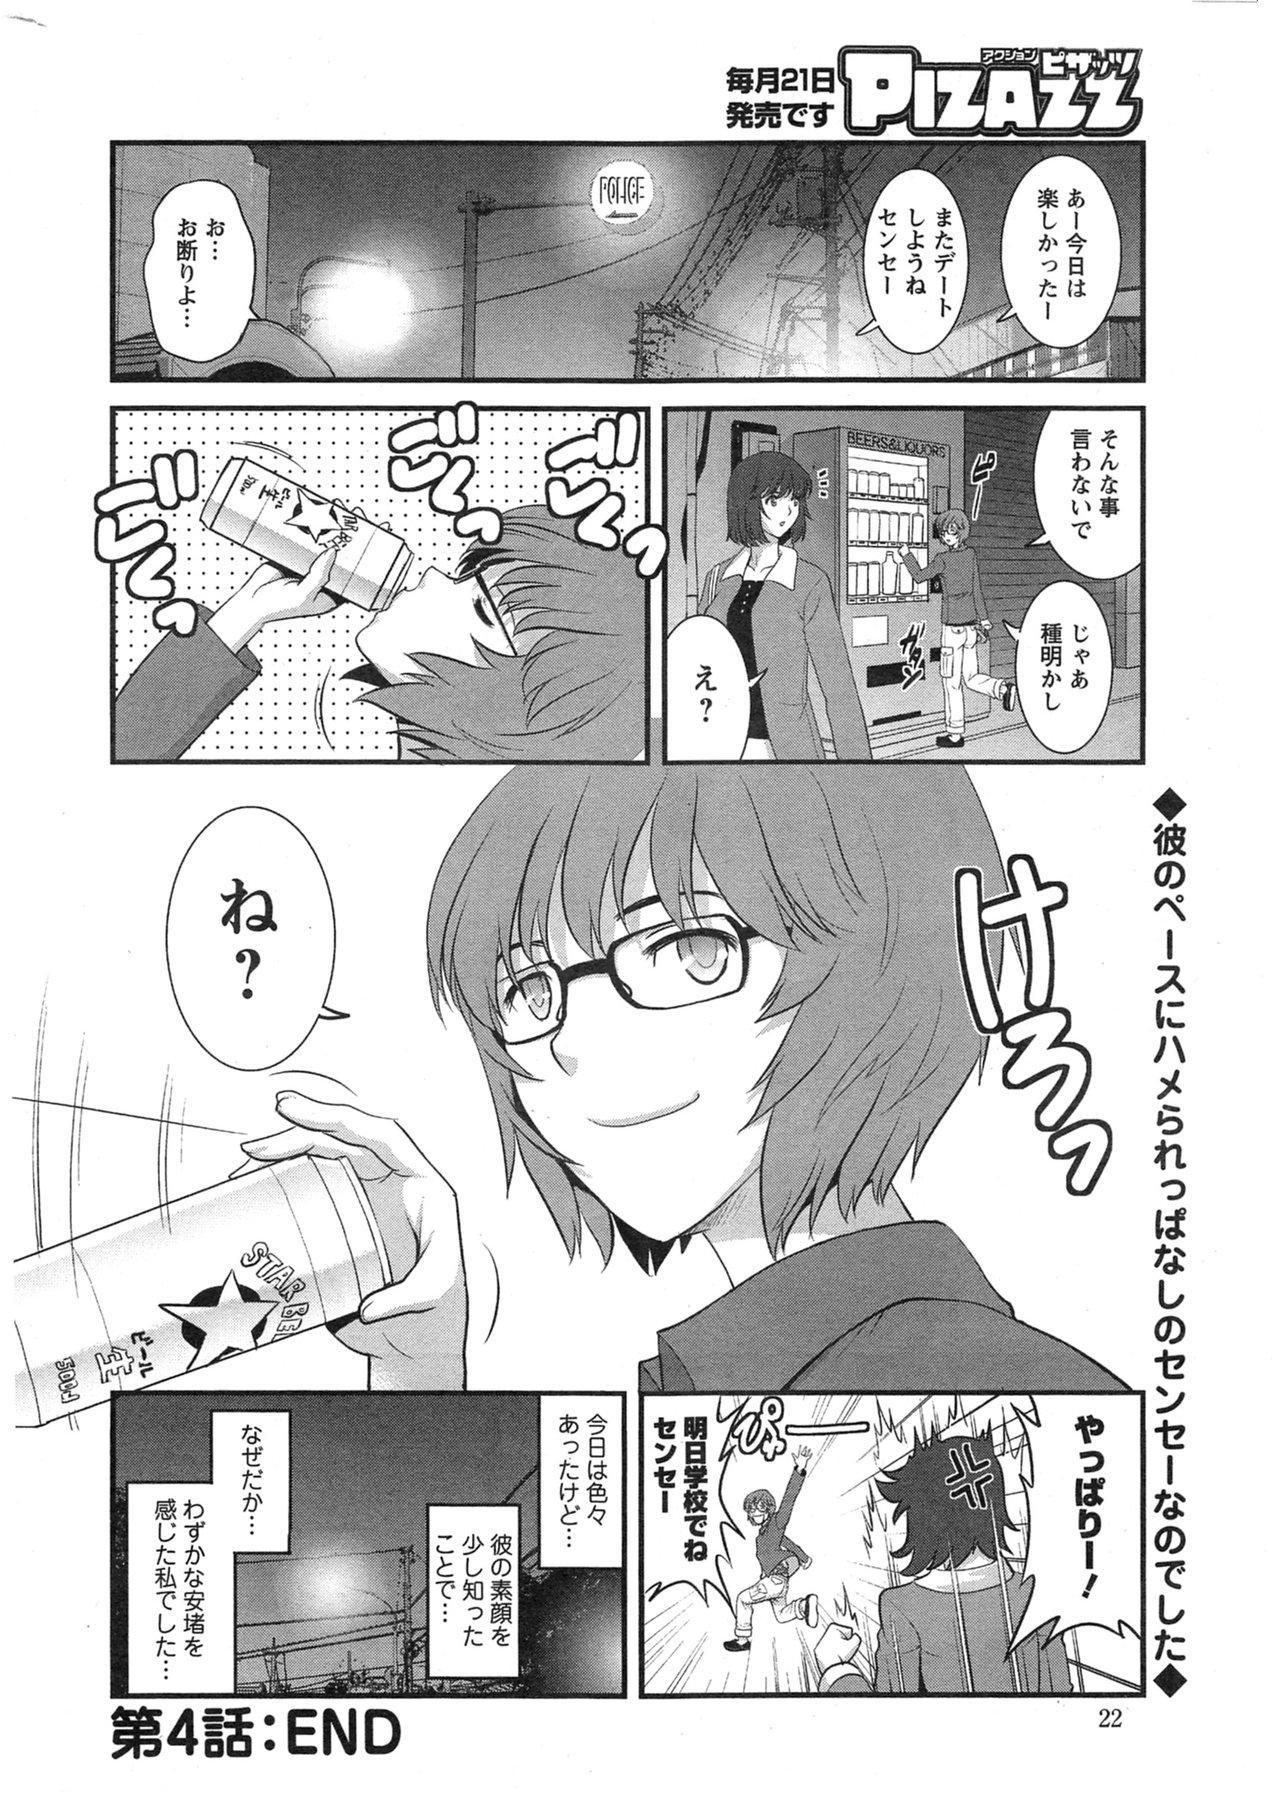 [Saigado] Hitozuma Jokyoushi Main-san Ch.01-10 59